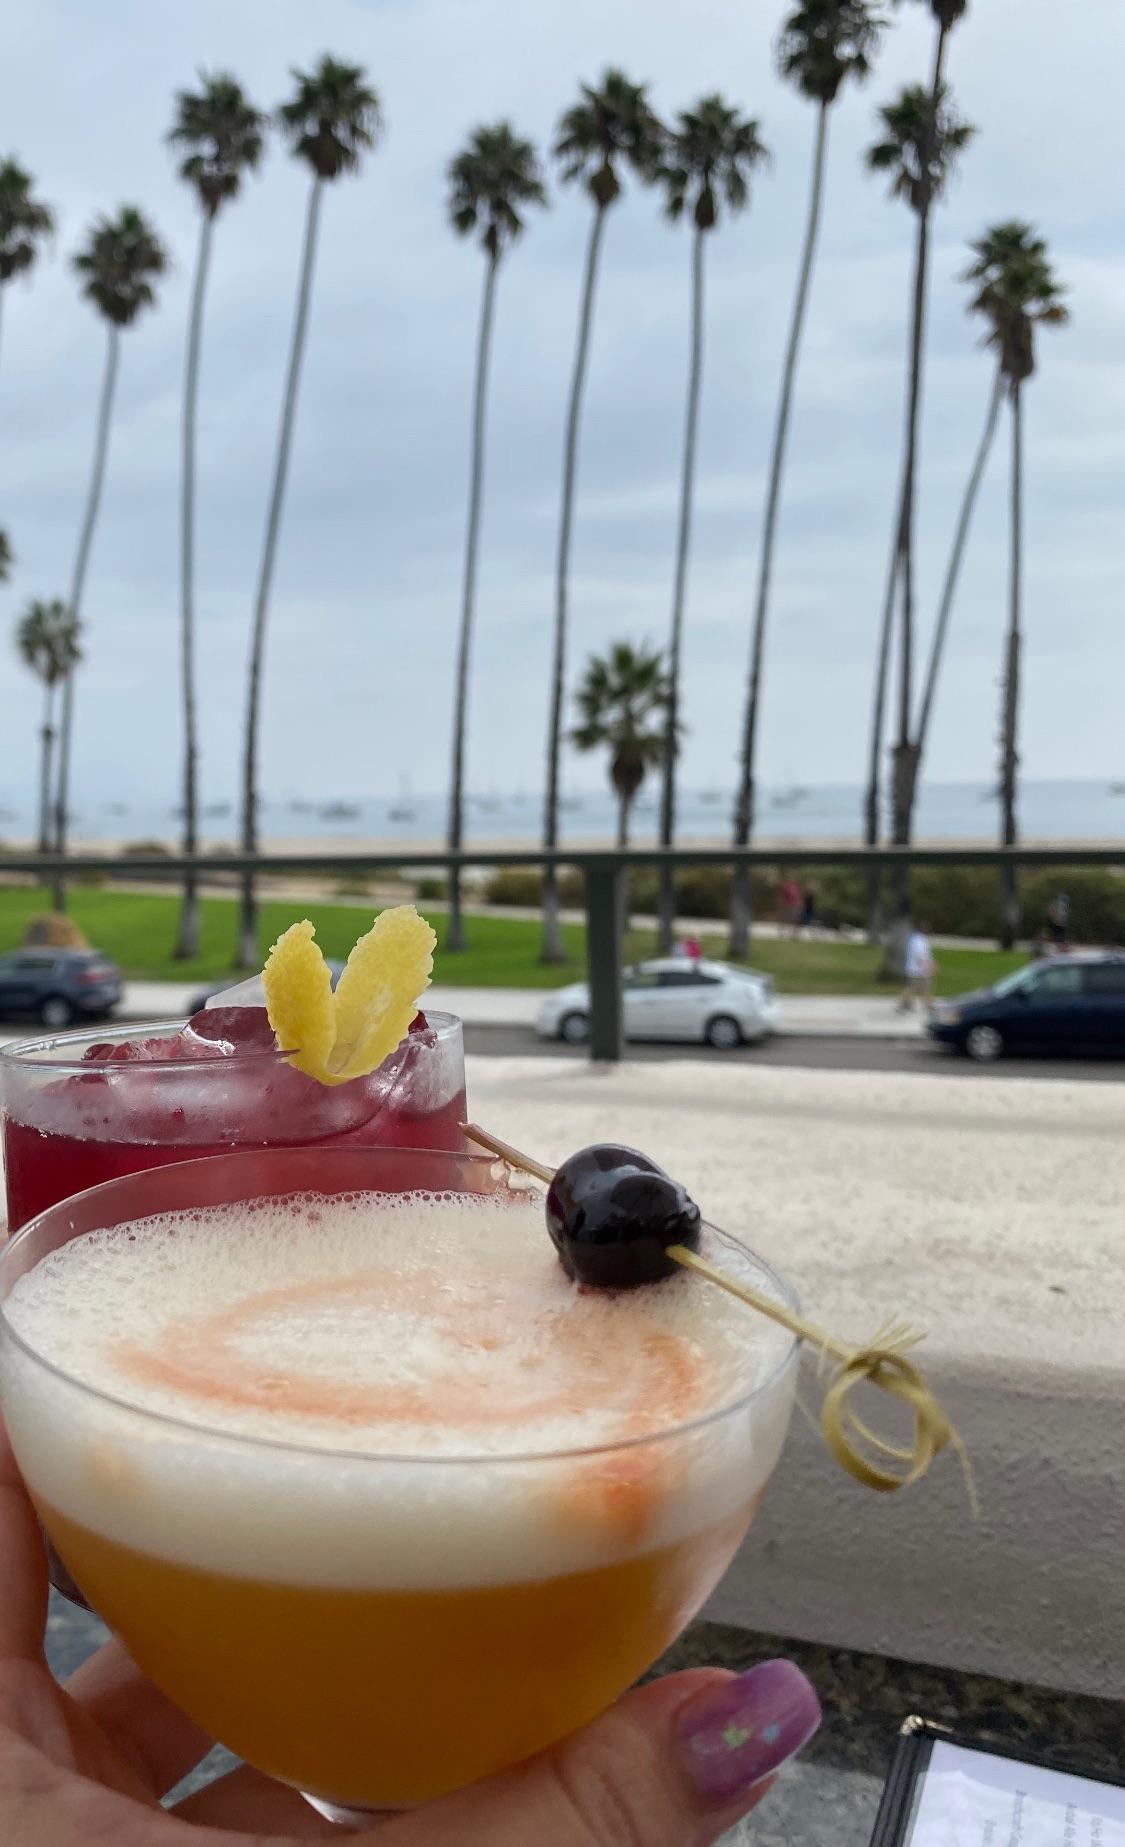 Boardwalk beverages! 🍻